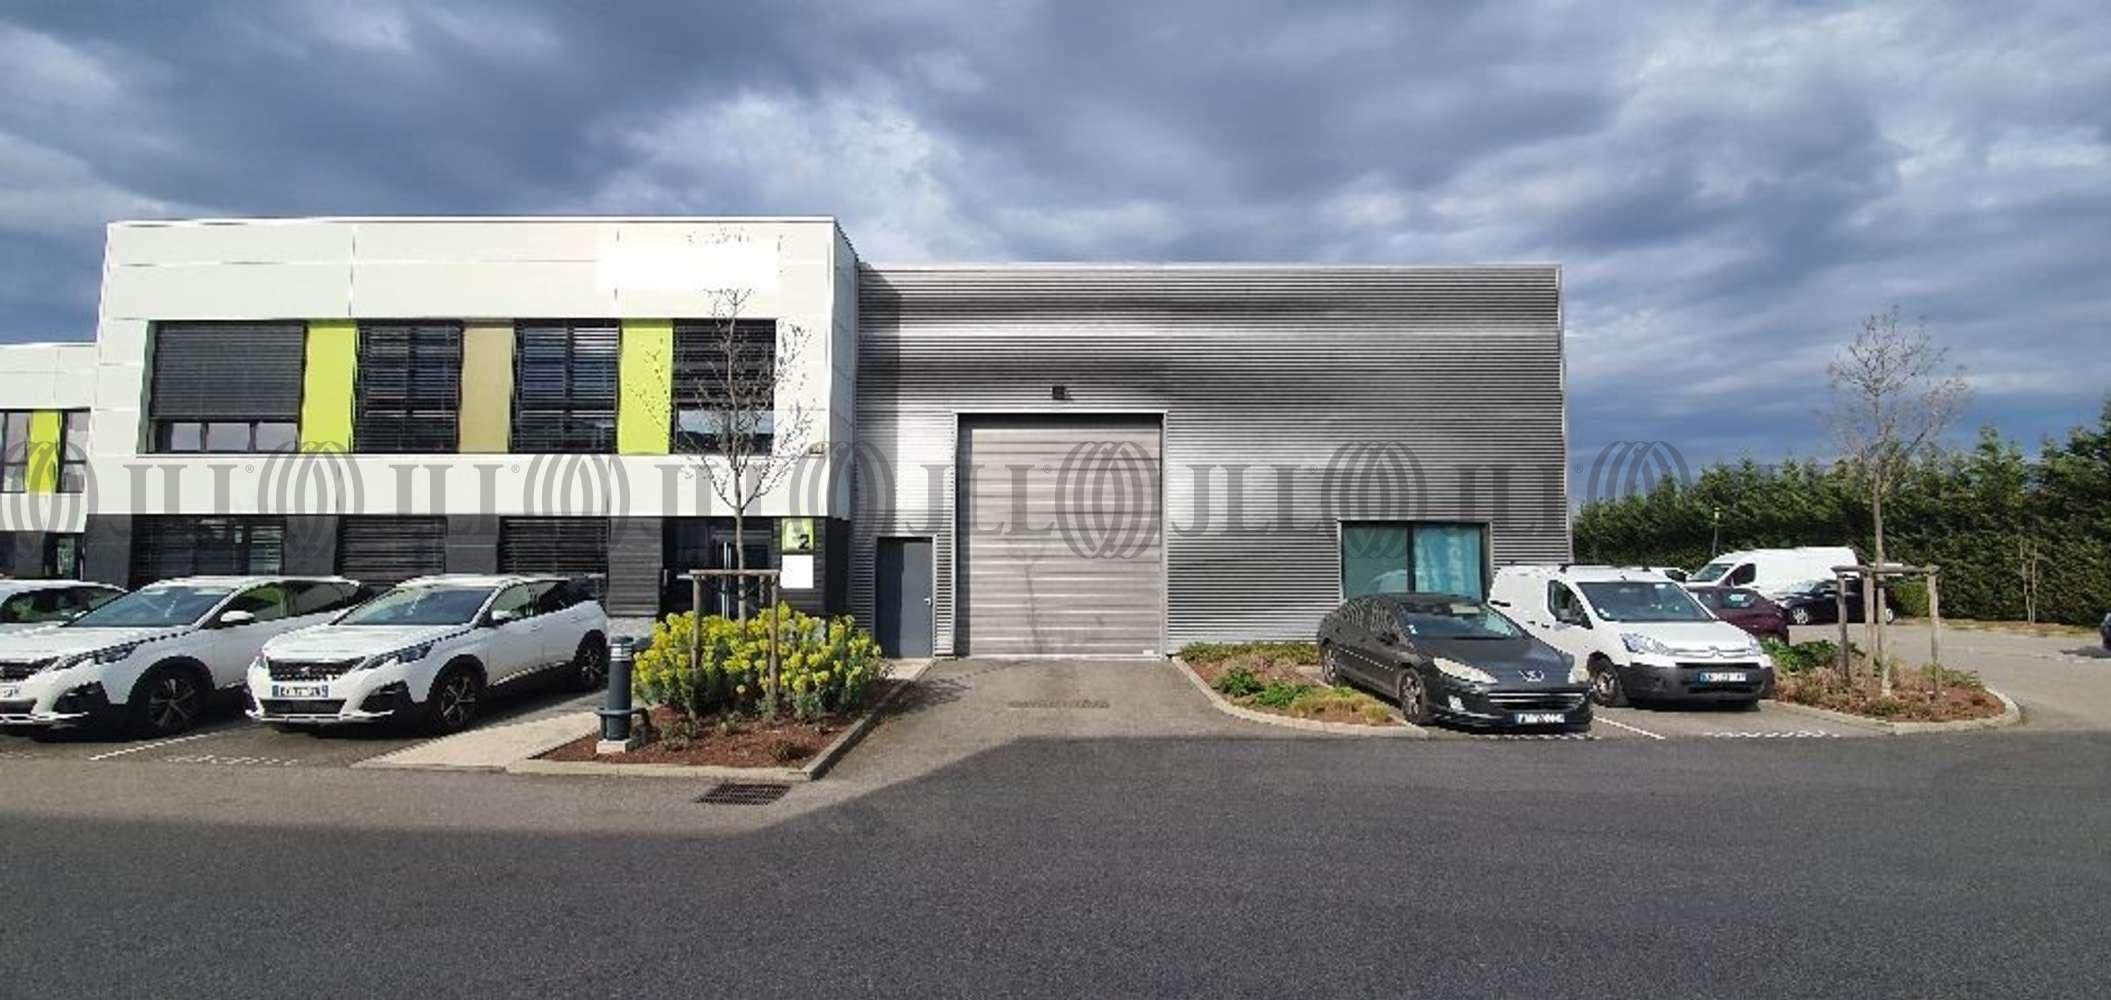 Activités/entrepôt Vaulx en velin, 69120 - Location entrepot Vaulx-en-Velin - Rhône - 10928899